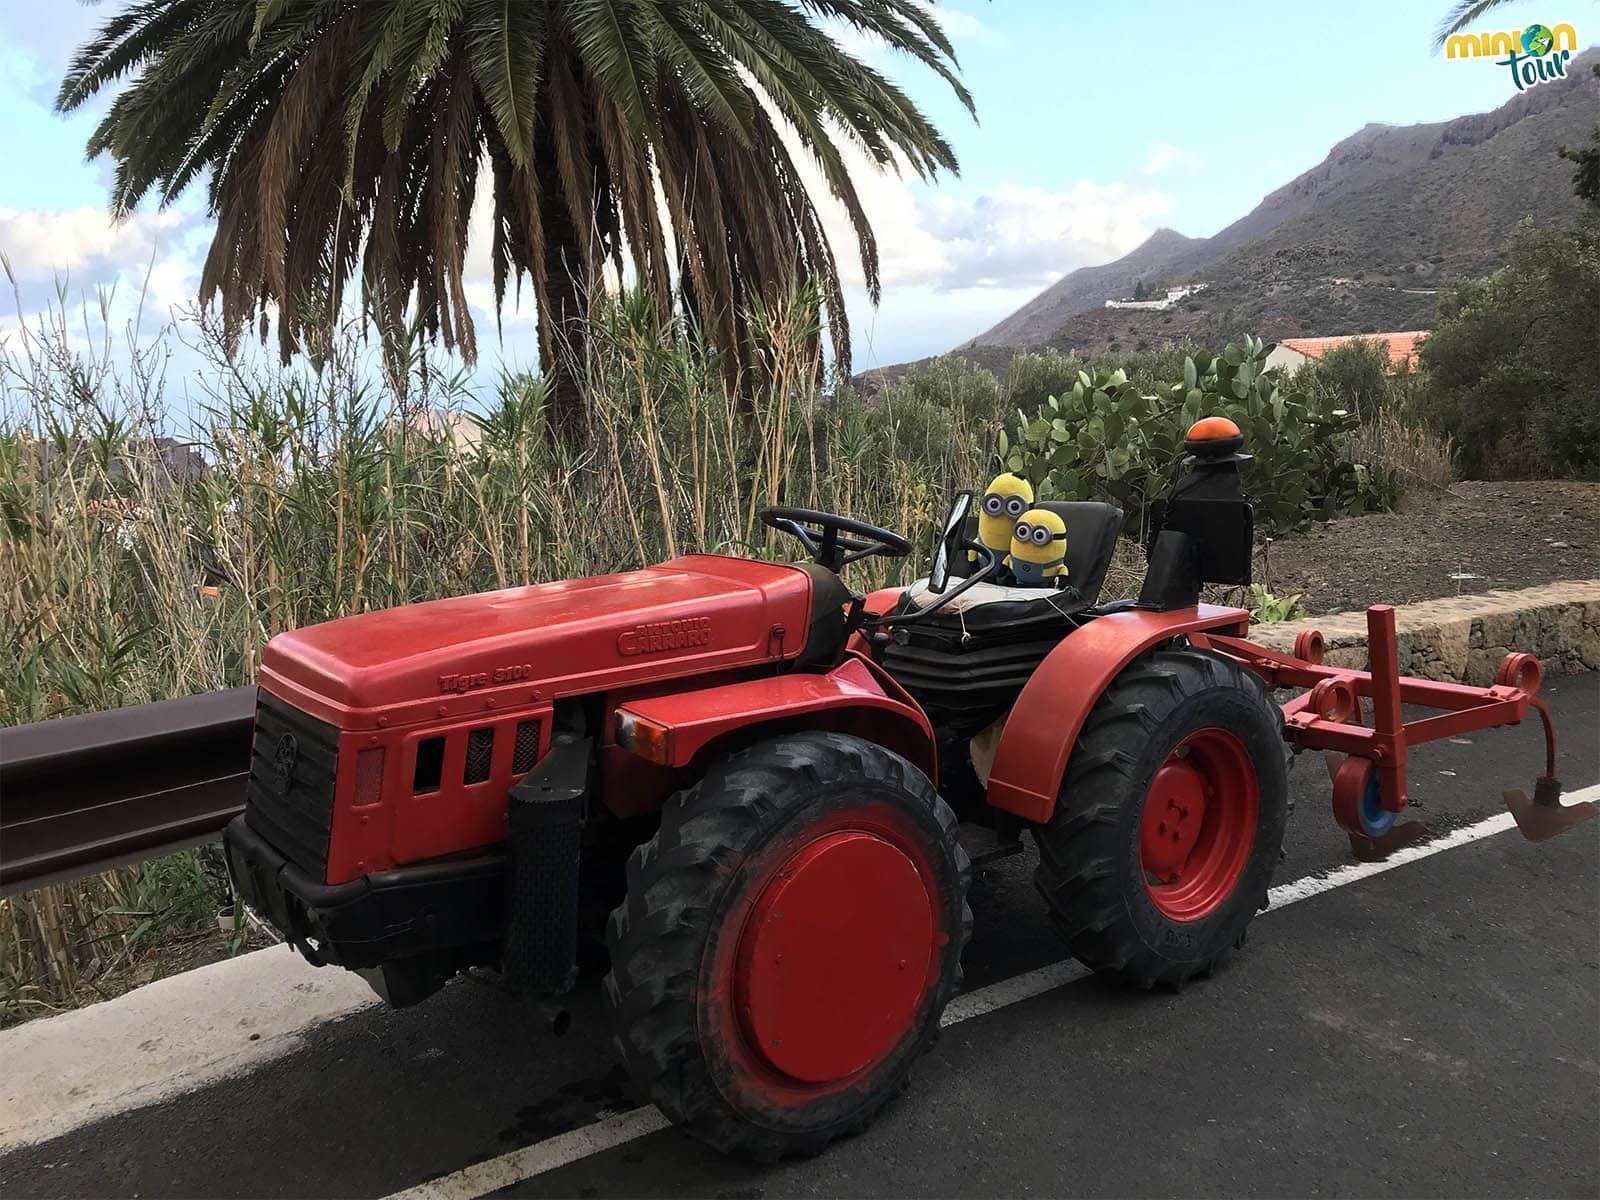 Subidos a un tractor en Temisas